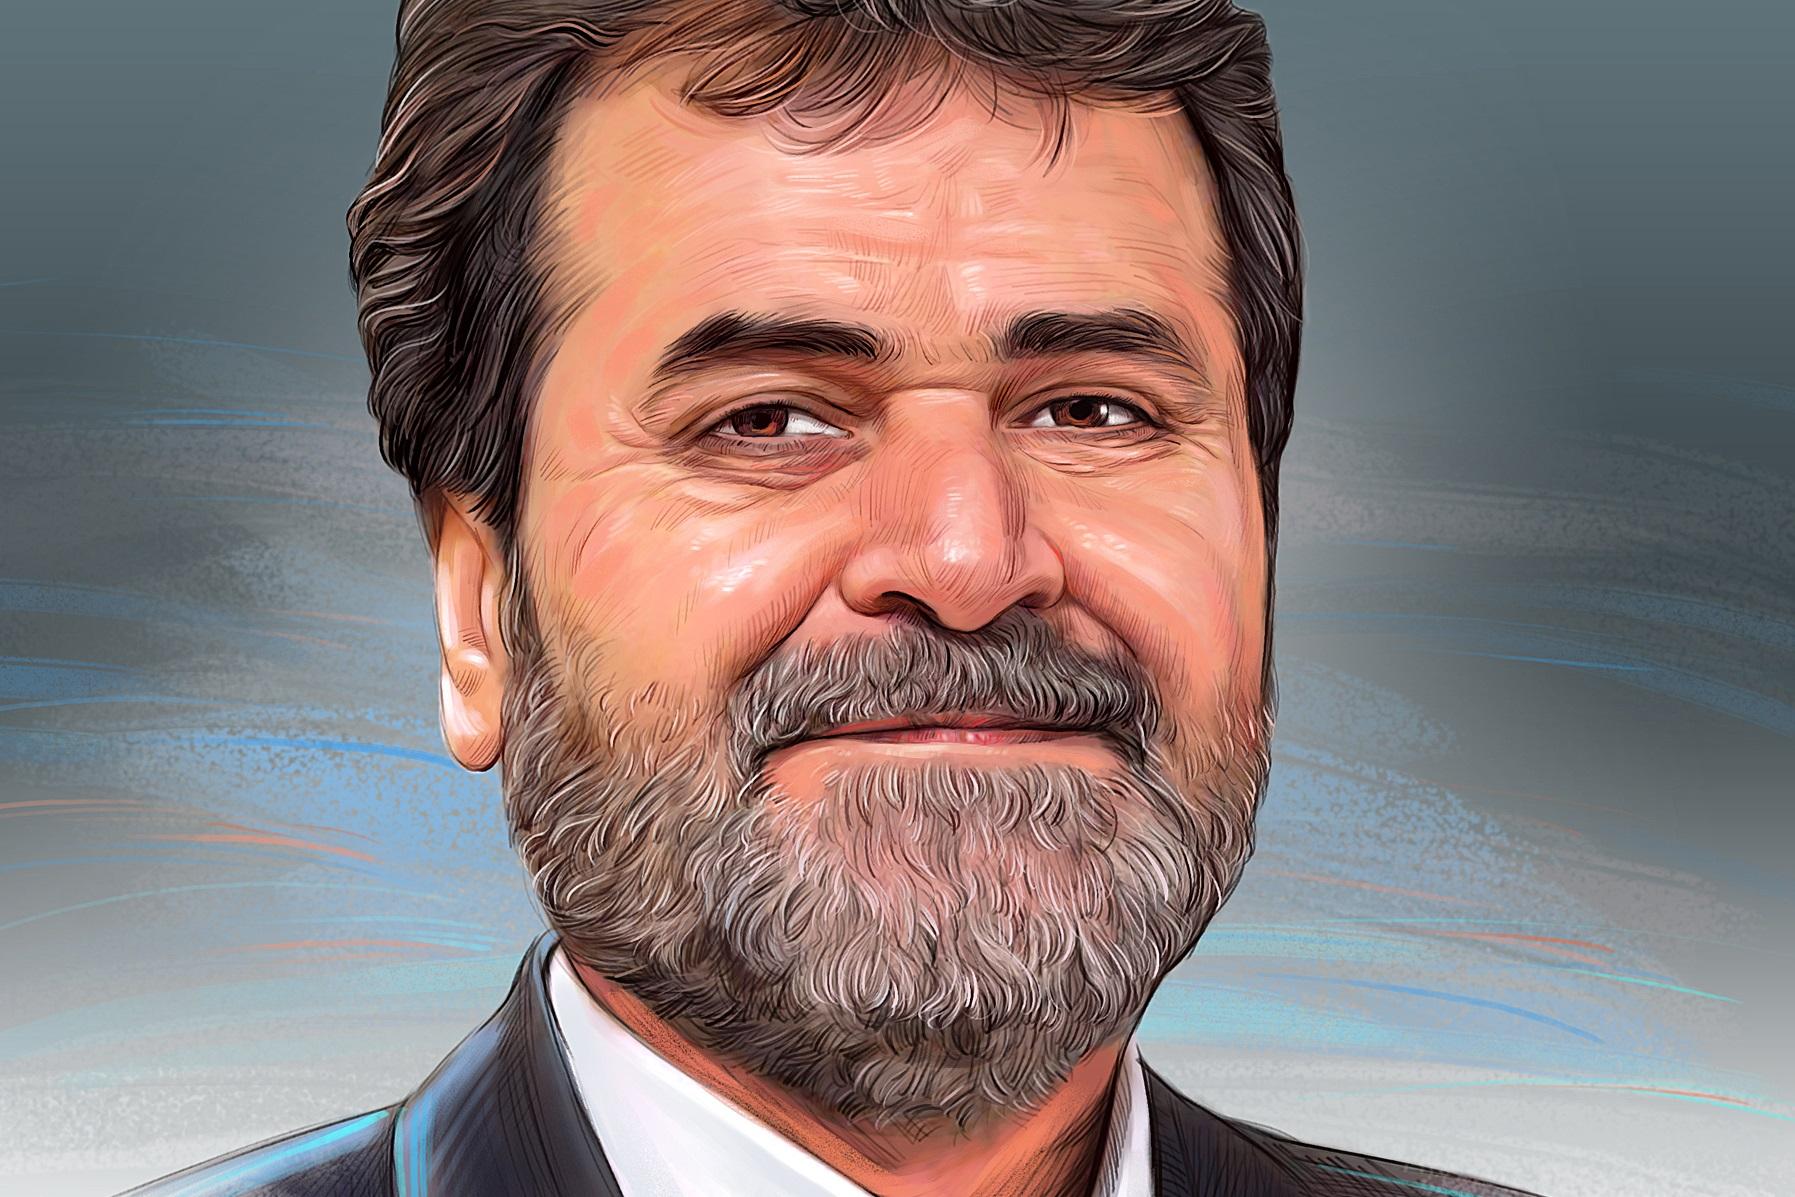 سید عبدالله زاویه، عضو شورای سردبیری خبرگزاری فارس در پی ابتلا به کرونا درگذشت